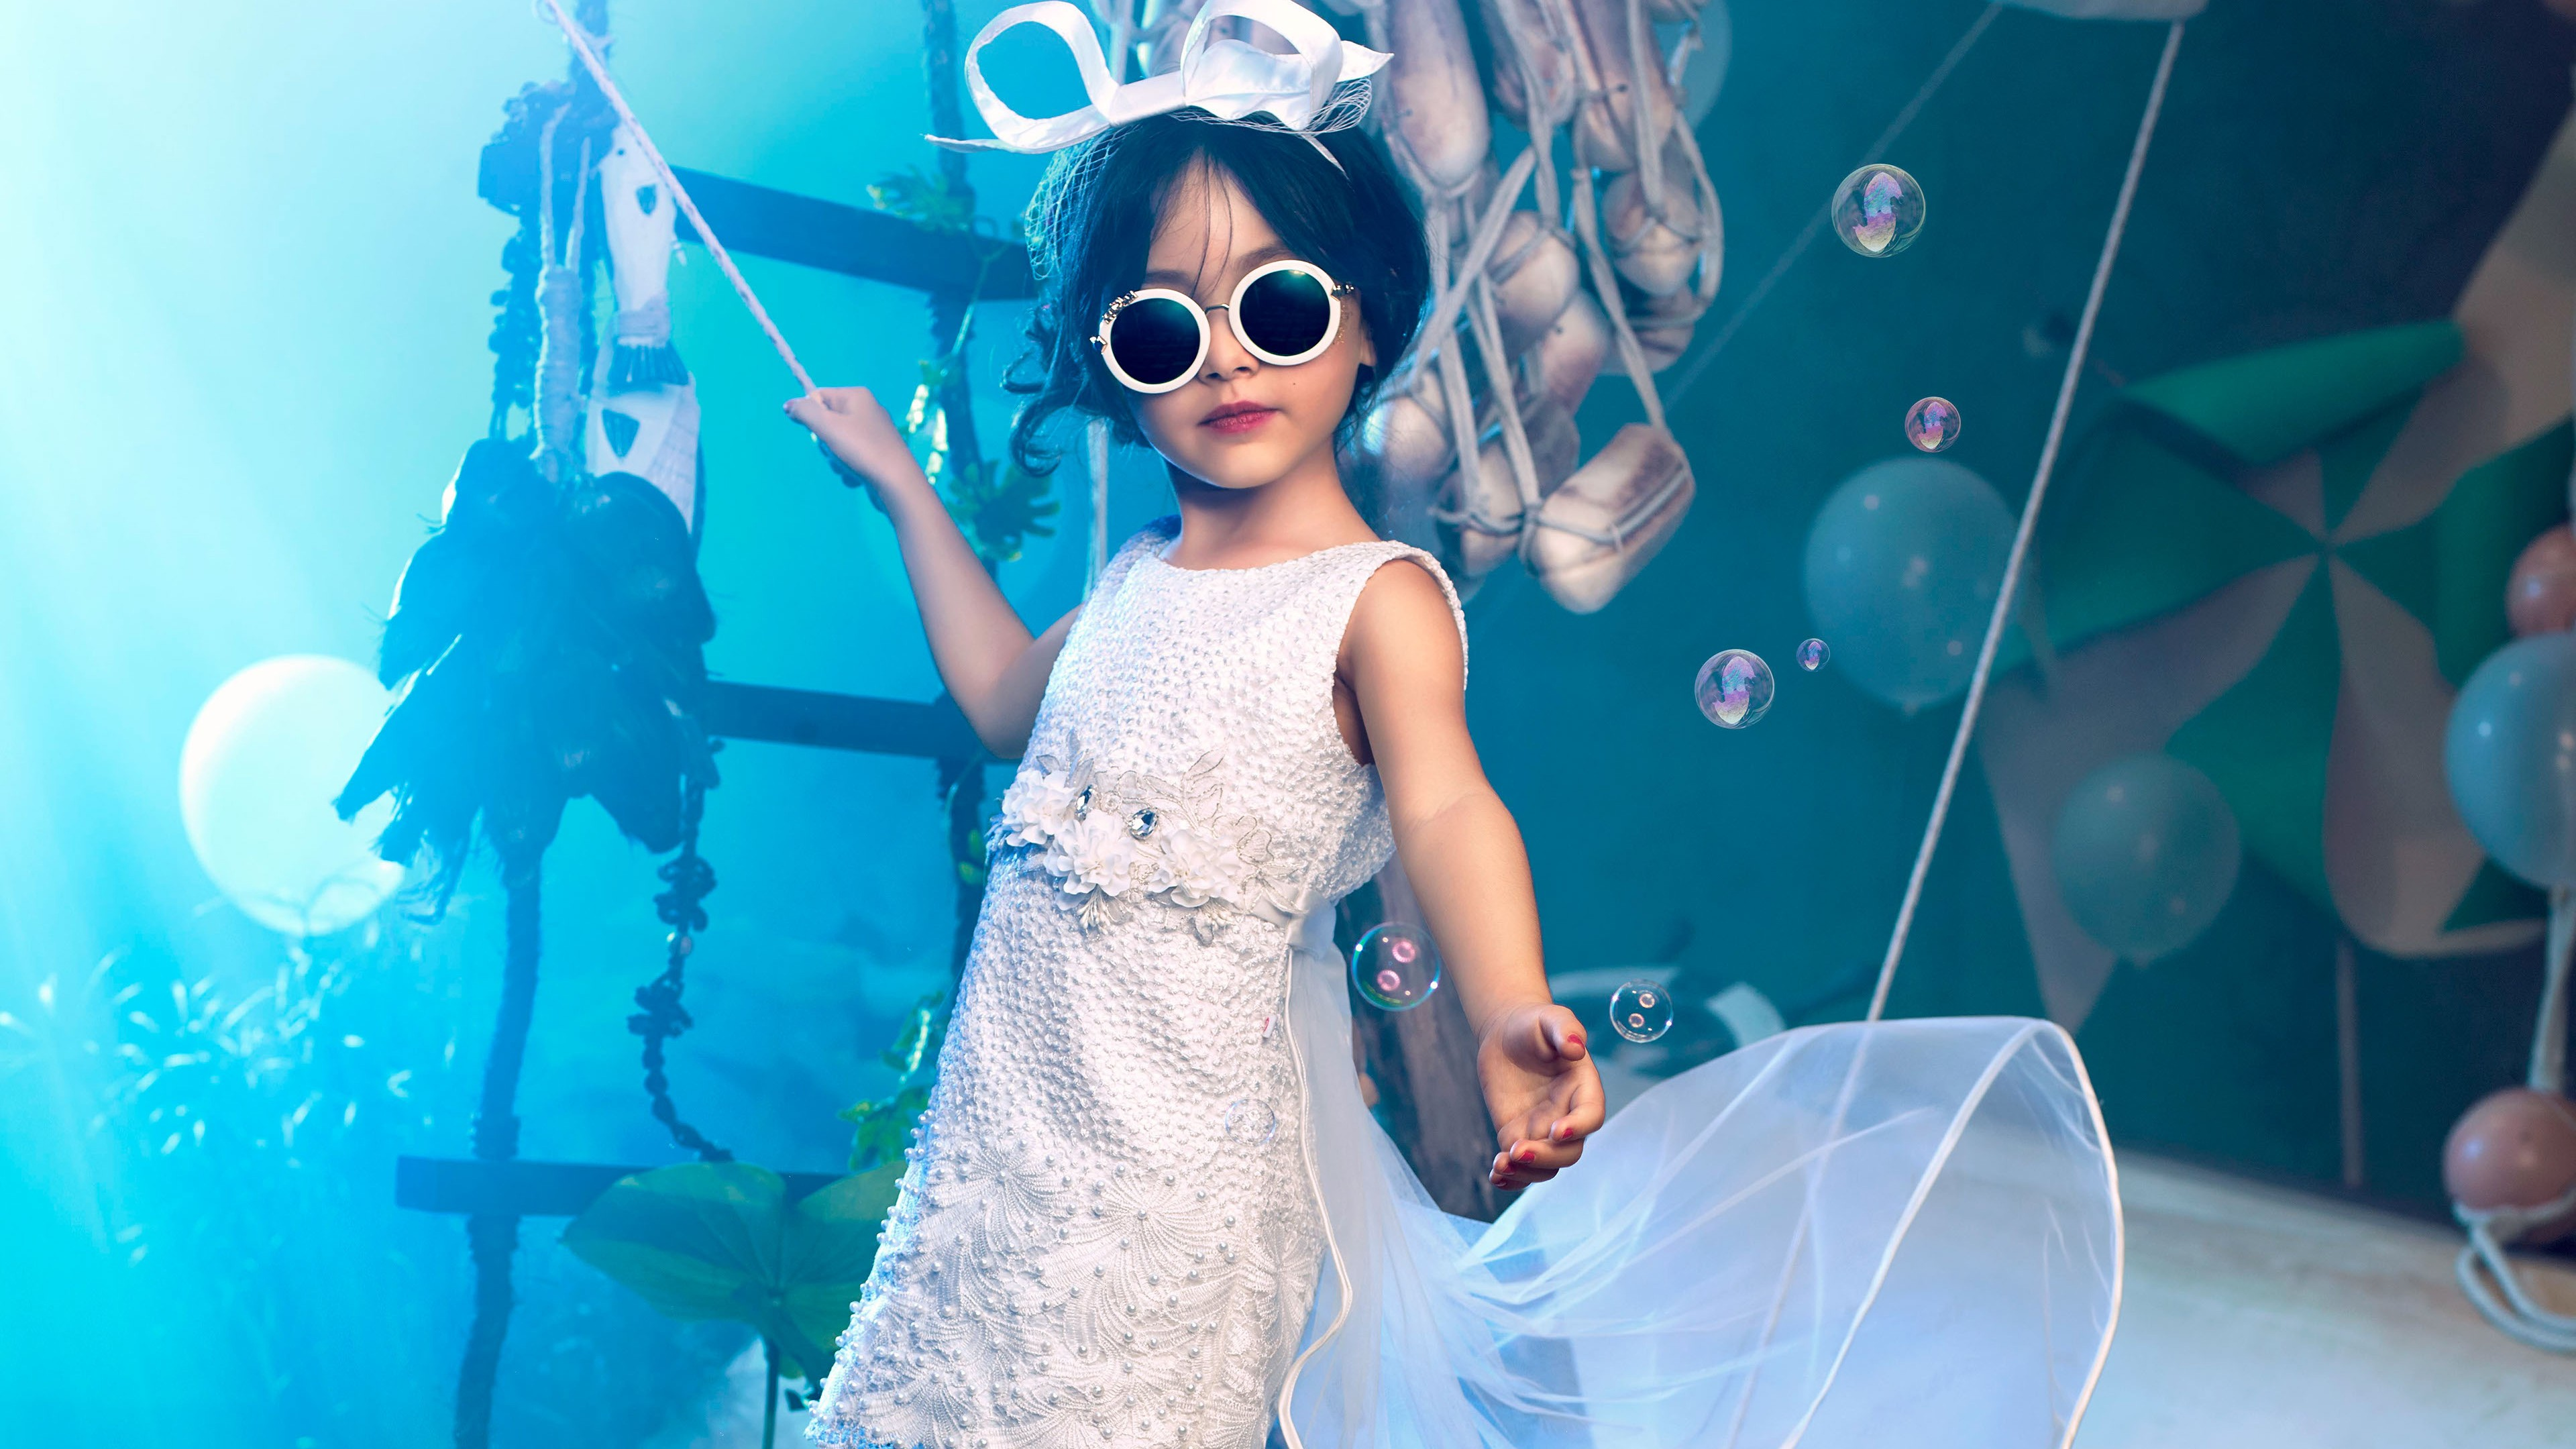 Красивая девочка в черных очках и белоснежном платье с вуалью